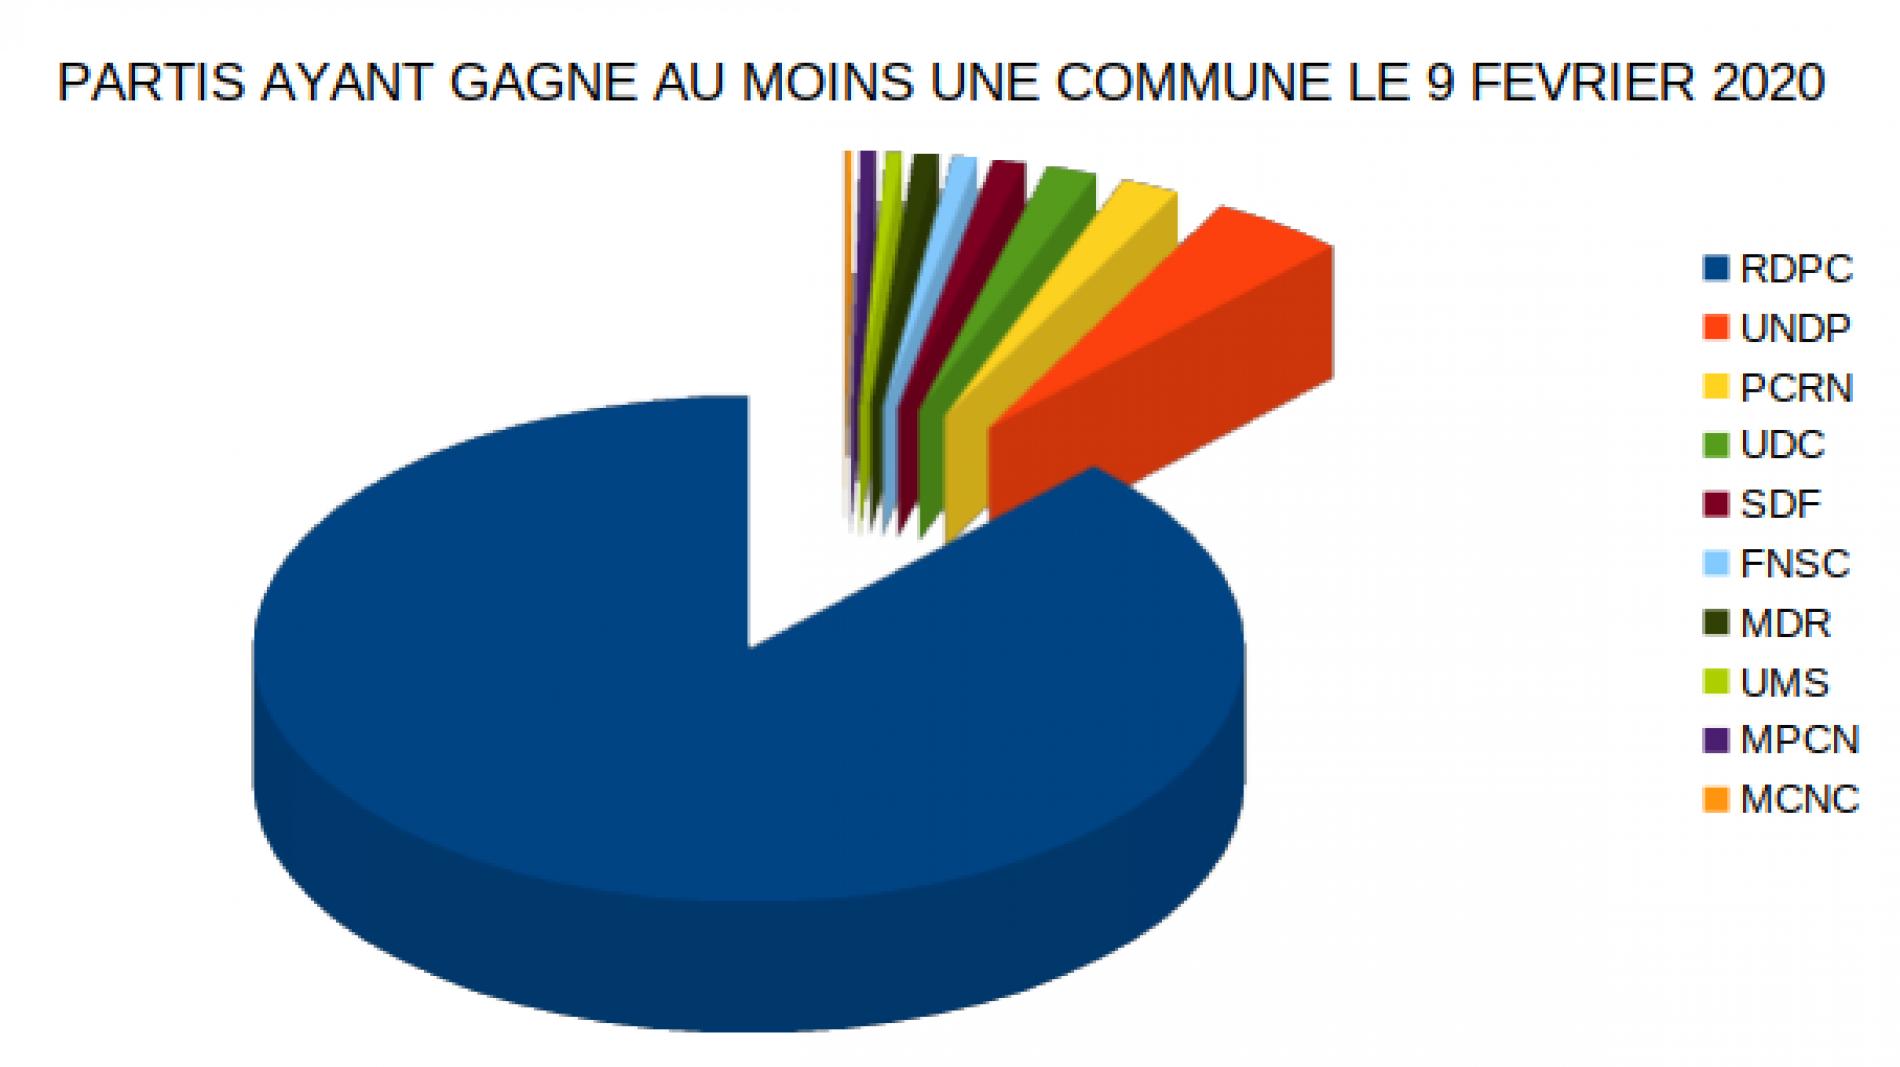 Municipales 2020 : Avec 316 communes, le Rdpc bat son record de 2013